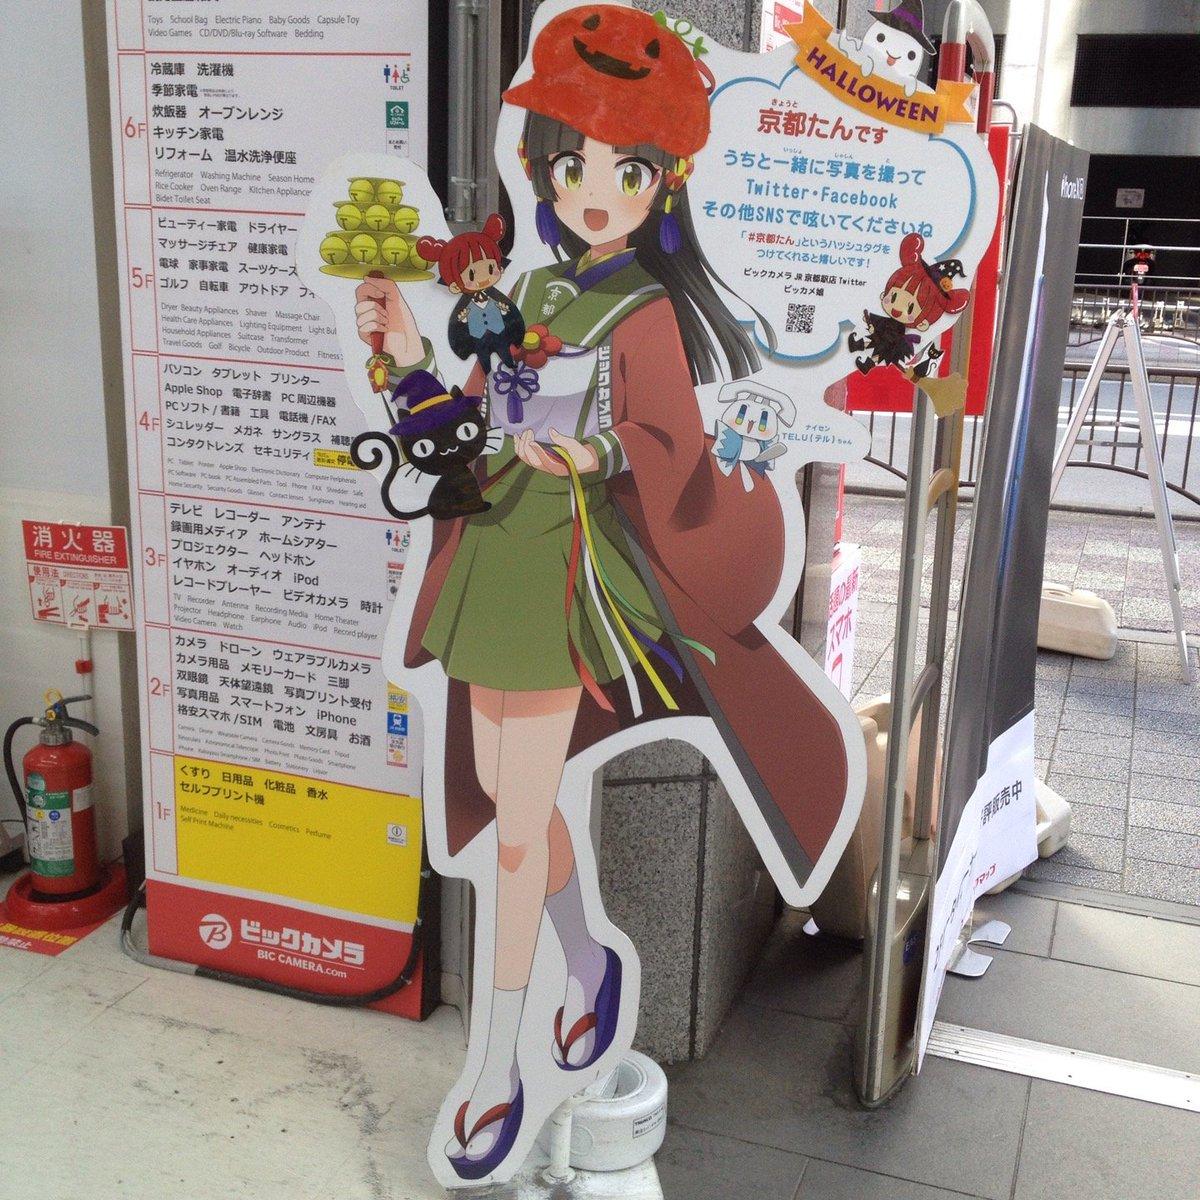 ビックカメラ 京都駅前店 京都たん